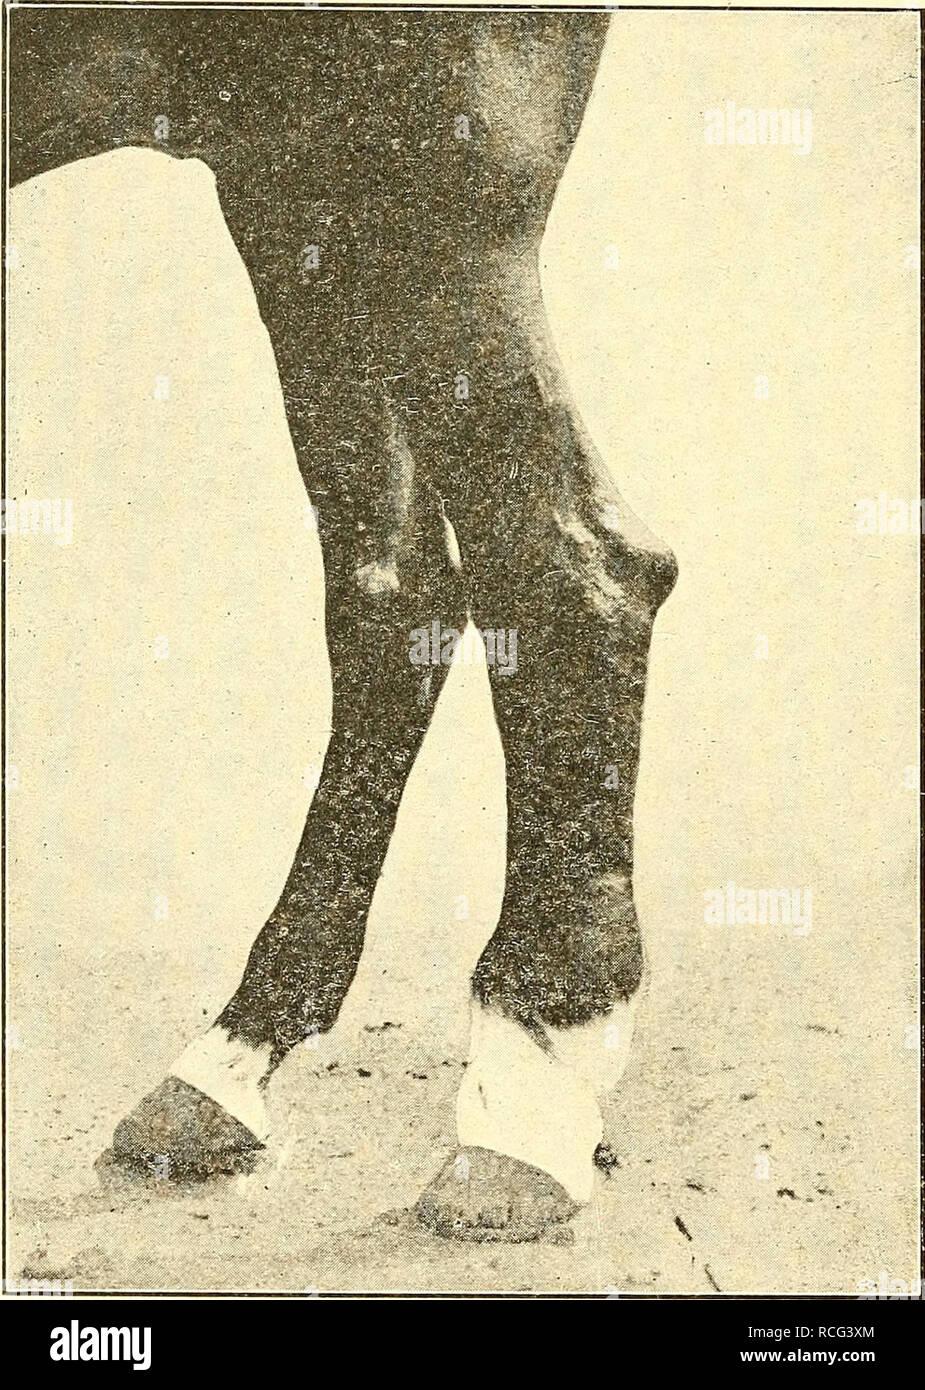 """. Elemente der hippology. Pferde. 126 ELEMENTE DER HIPPOLOGY. Zwischen dem kleinsten Knochen des Hock und der Leiter der Kanone - Knochen. Diese Entzündung, wenn nicht gestoppt, bevor die knöchernen Einzahlung beginnt, Ergebnisse in Knochen spat. Die üblichen Sitz ist gegenüber dem oberen drehen, der Buchstabe S im Wort """"Sitz"""", Abbildung 83 gezeigt. Die übliche Behandlung eines Spat, nach dem knöchernen Kaution hat fair-ly begonnen, ist die Stim-ulate der Kaution durch künstliche Entzündung bis zum niedrigsten Knochen zu den CAN-nicht-Knochen vereint sind; dann die Entzündung zu stoppen. So spat als """"geheilt"""" werden, aber es Stockbild"""